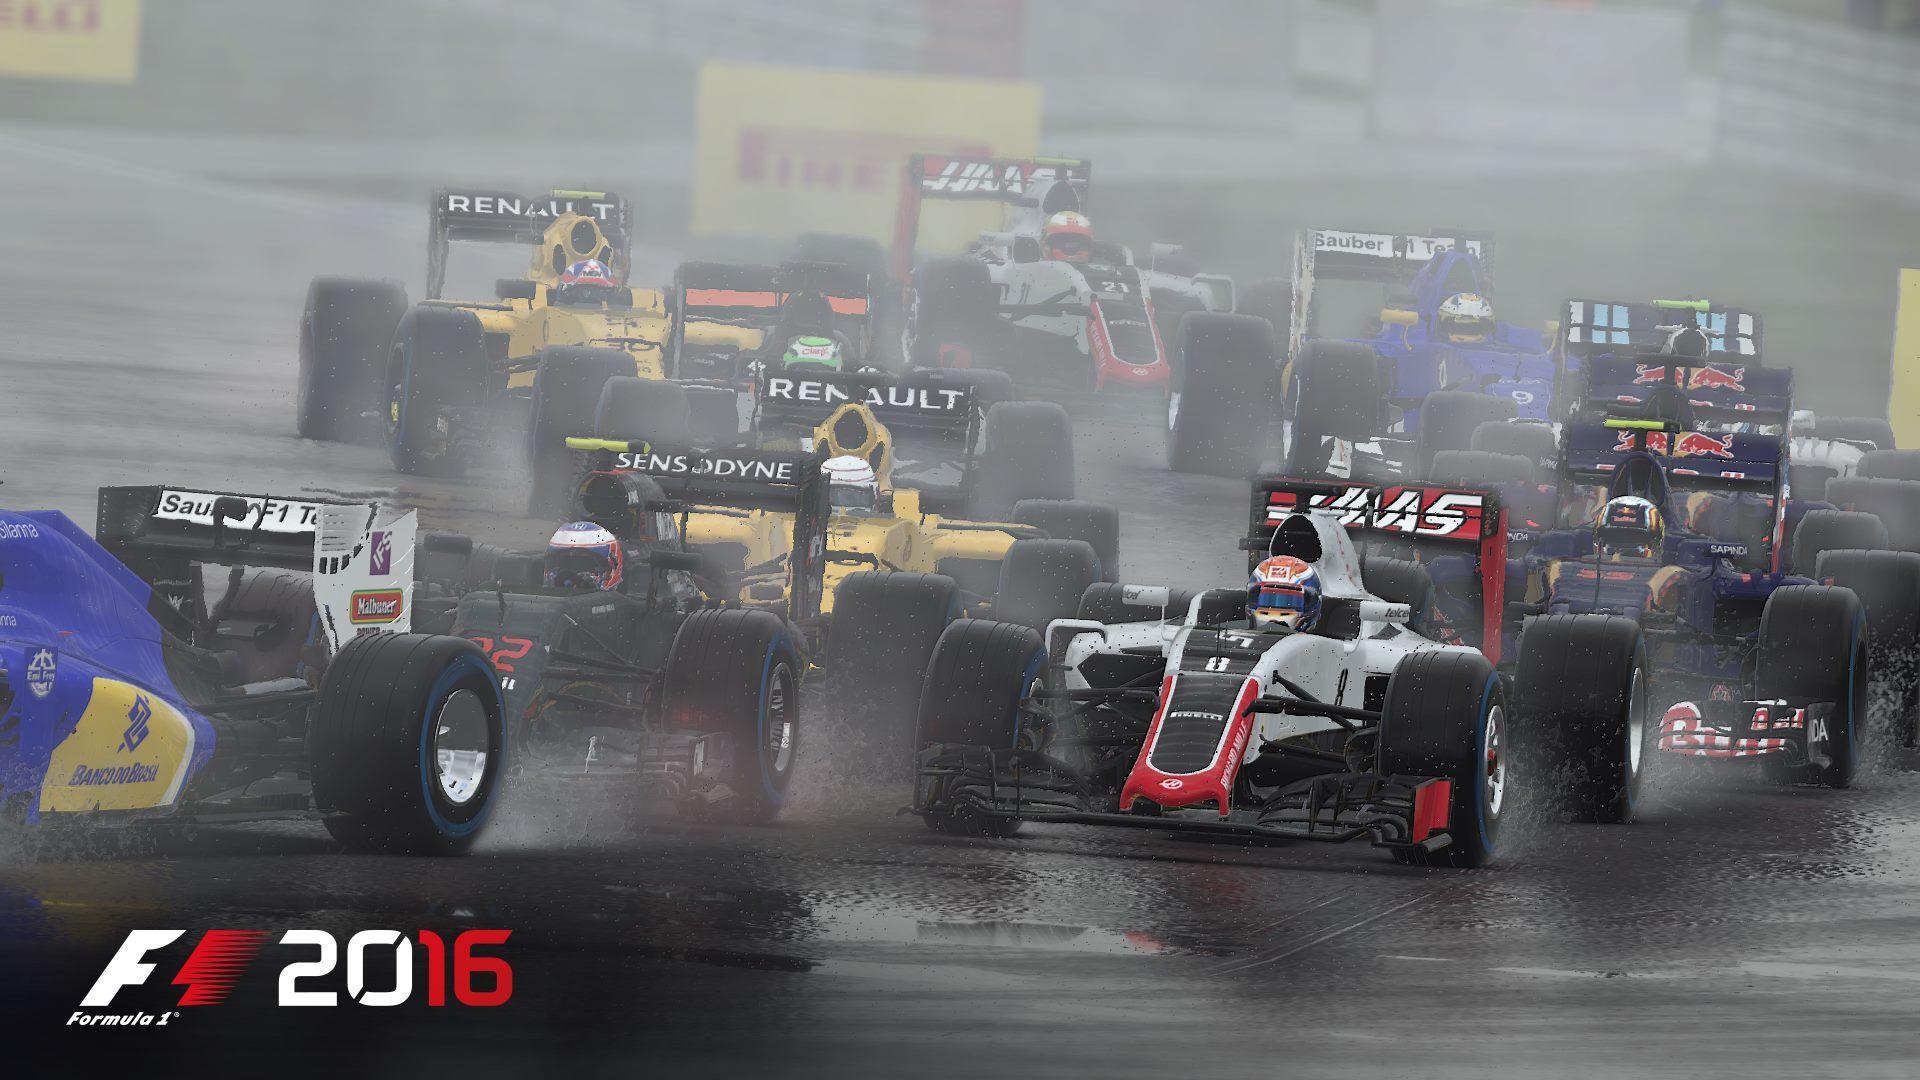 F1 2016 wet racing